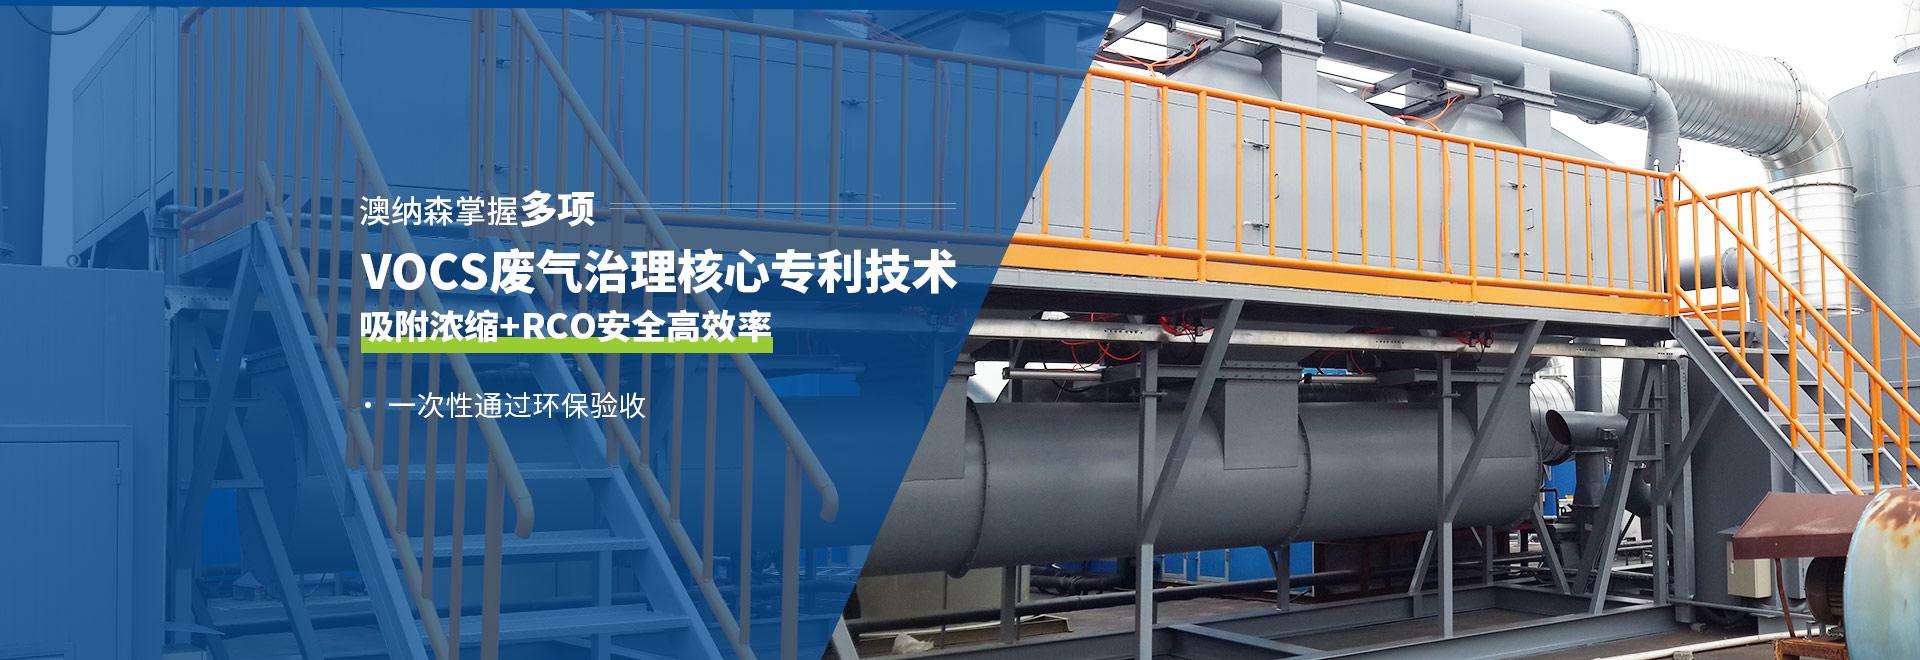 澳纳森掌握多项VOCs废气治理核心专利技术 吸附浓缩+RCO安全高效率   一次性通过环保验收